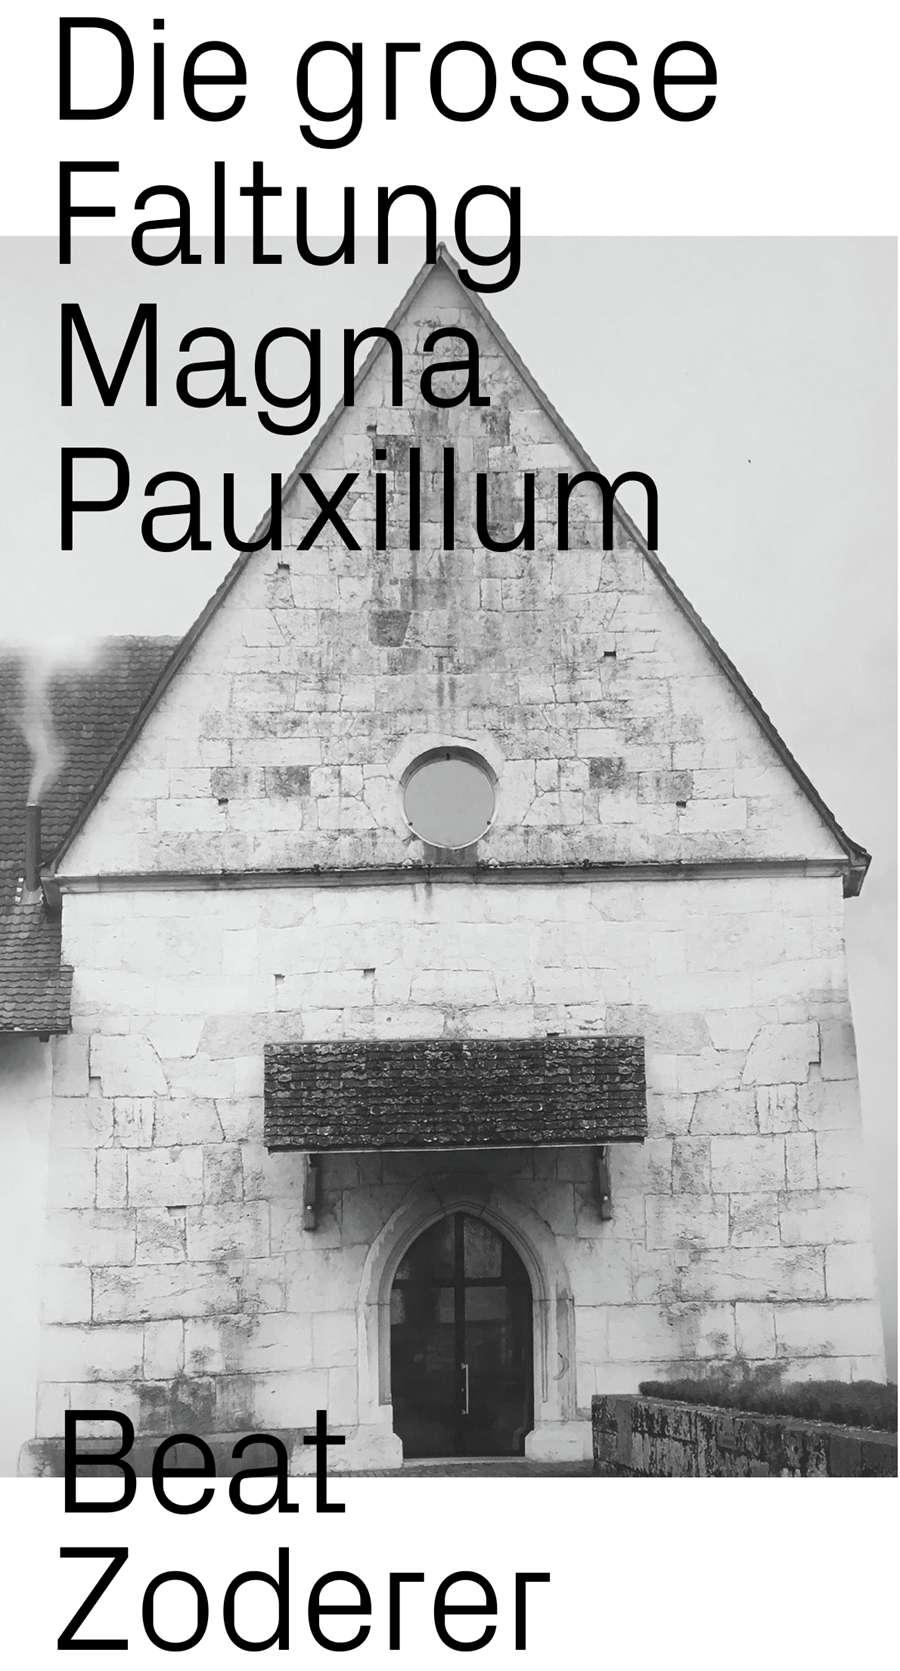 Beat Zoderer Die grosse Faltung Magma Pauxillum Haus der Kunst St. Josef, Solothurn (CH) 11 août  — 7 octobre 2018